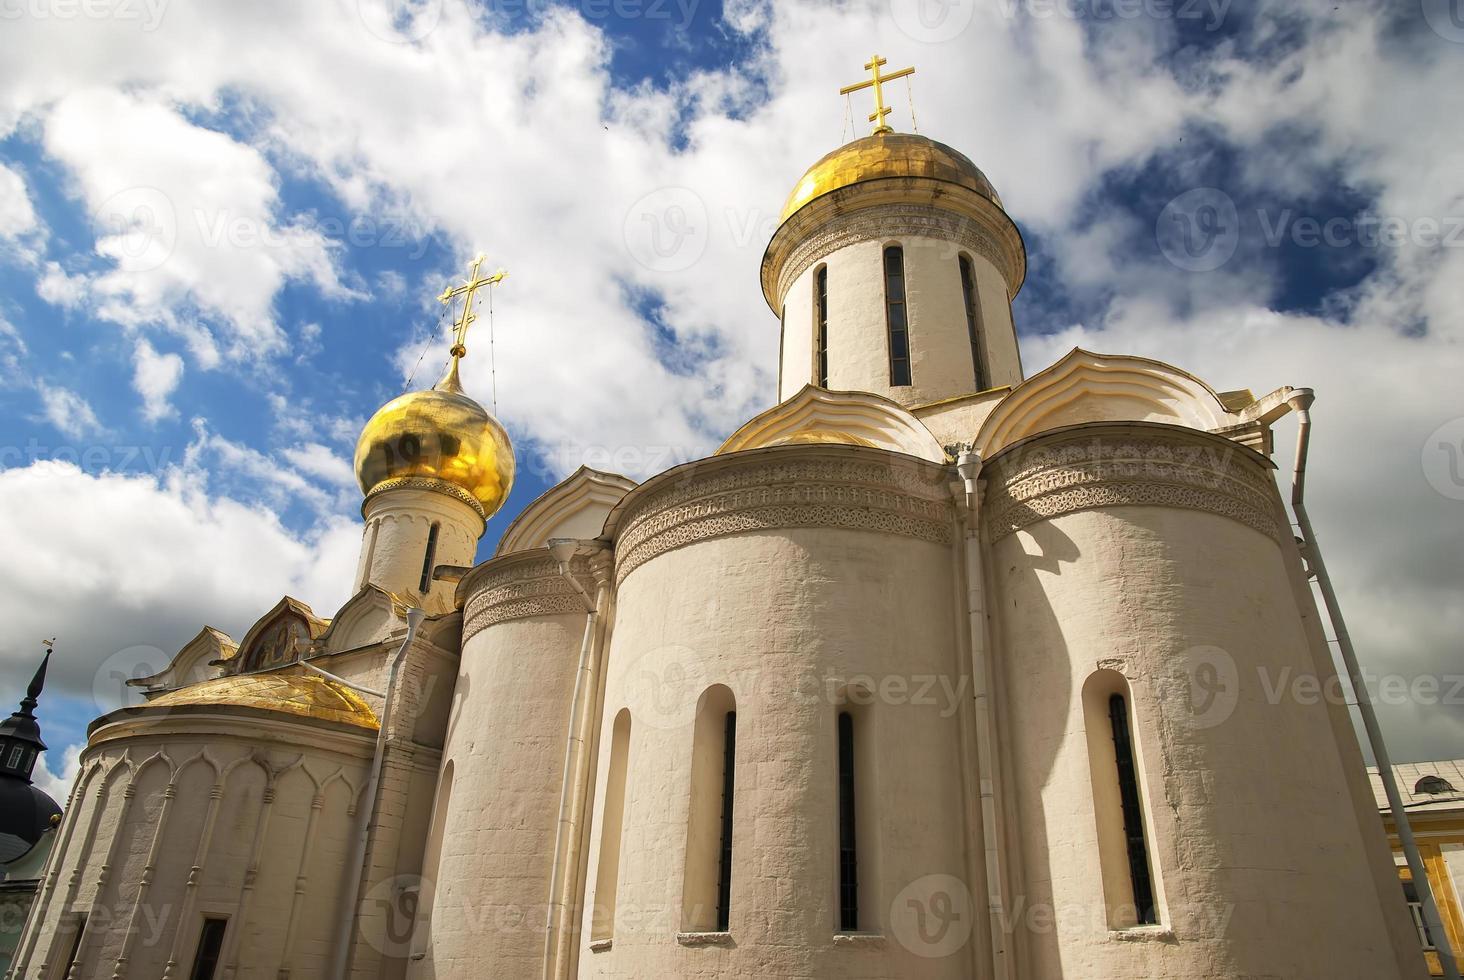 treenighetskatedralen i treenigheten lavra i St. Sergius foto